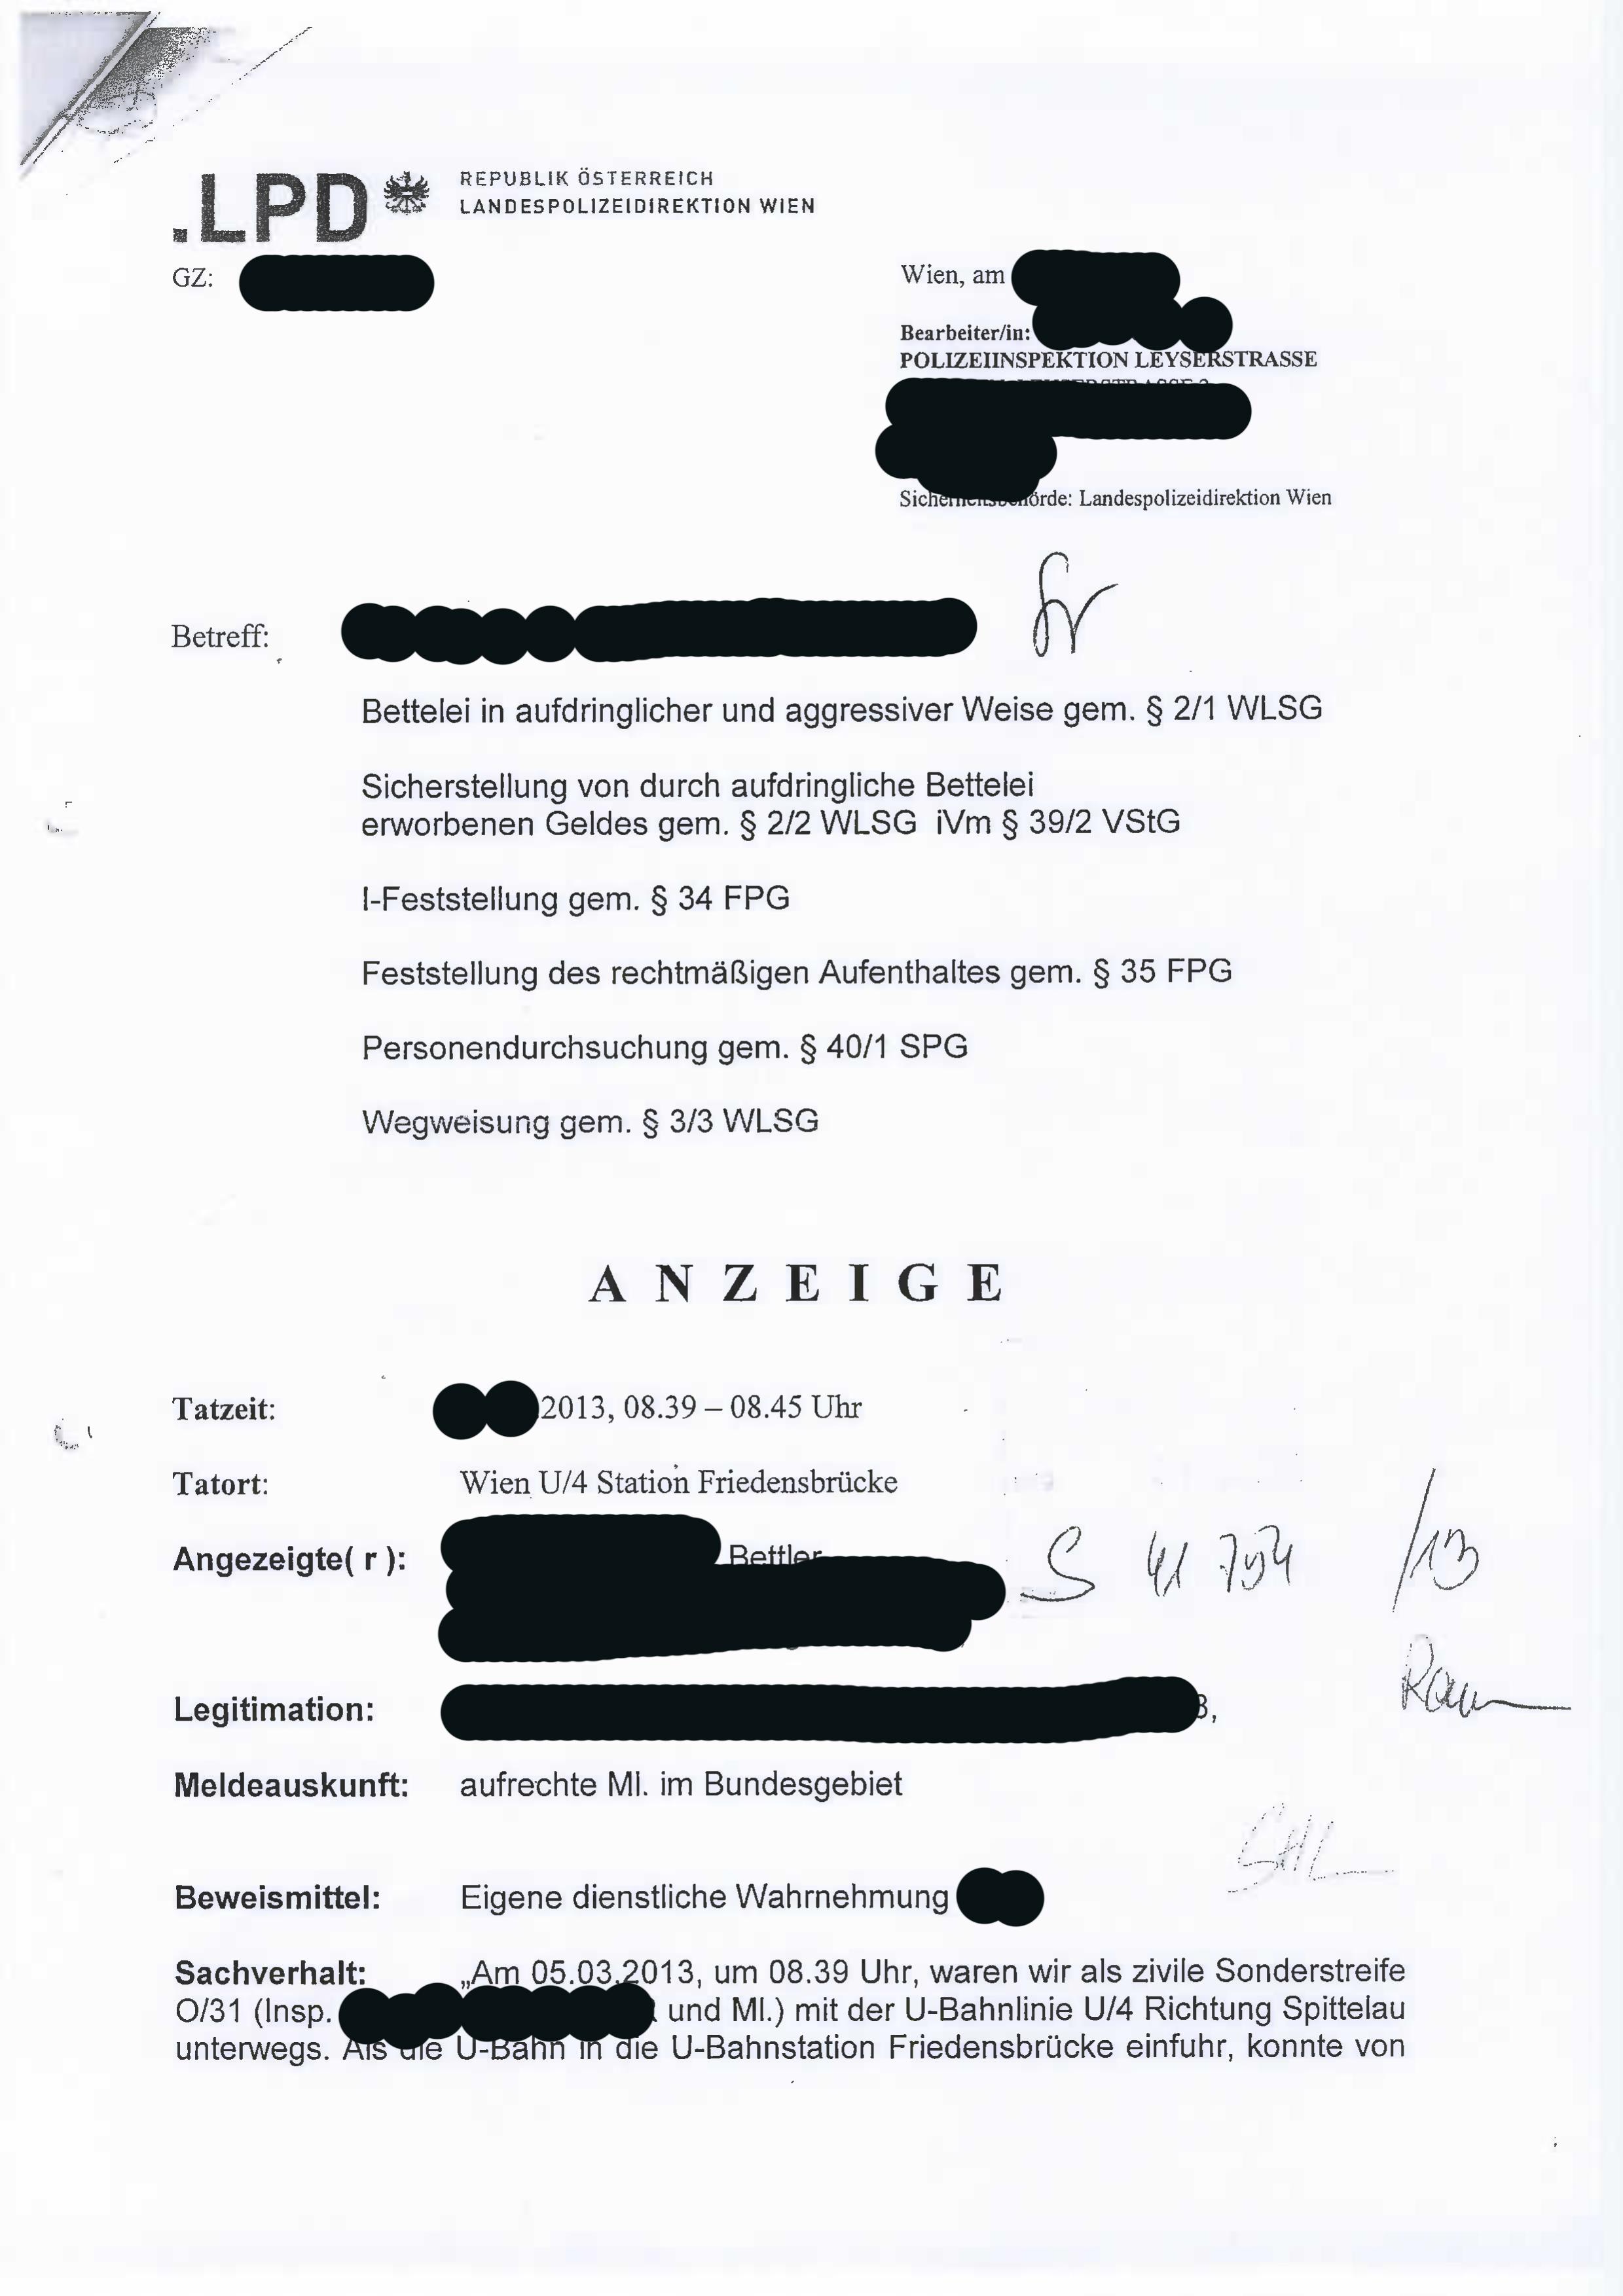 Kein Kasperltheater 1392013 10 Uhr Landespolizeidirektion Wien